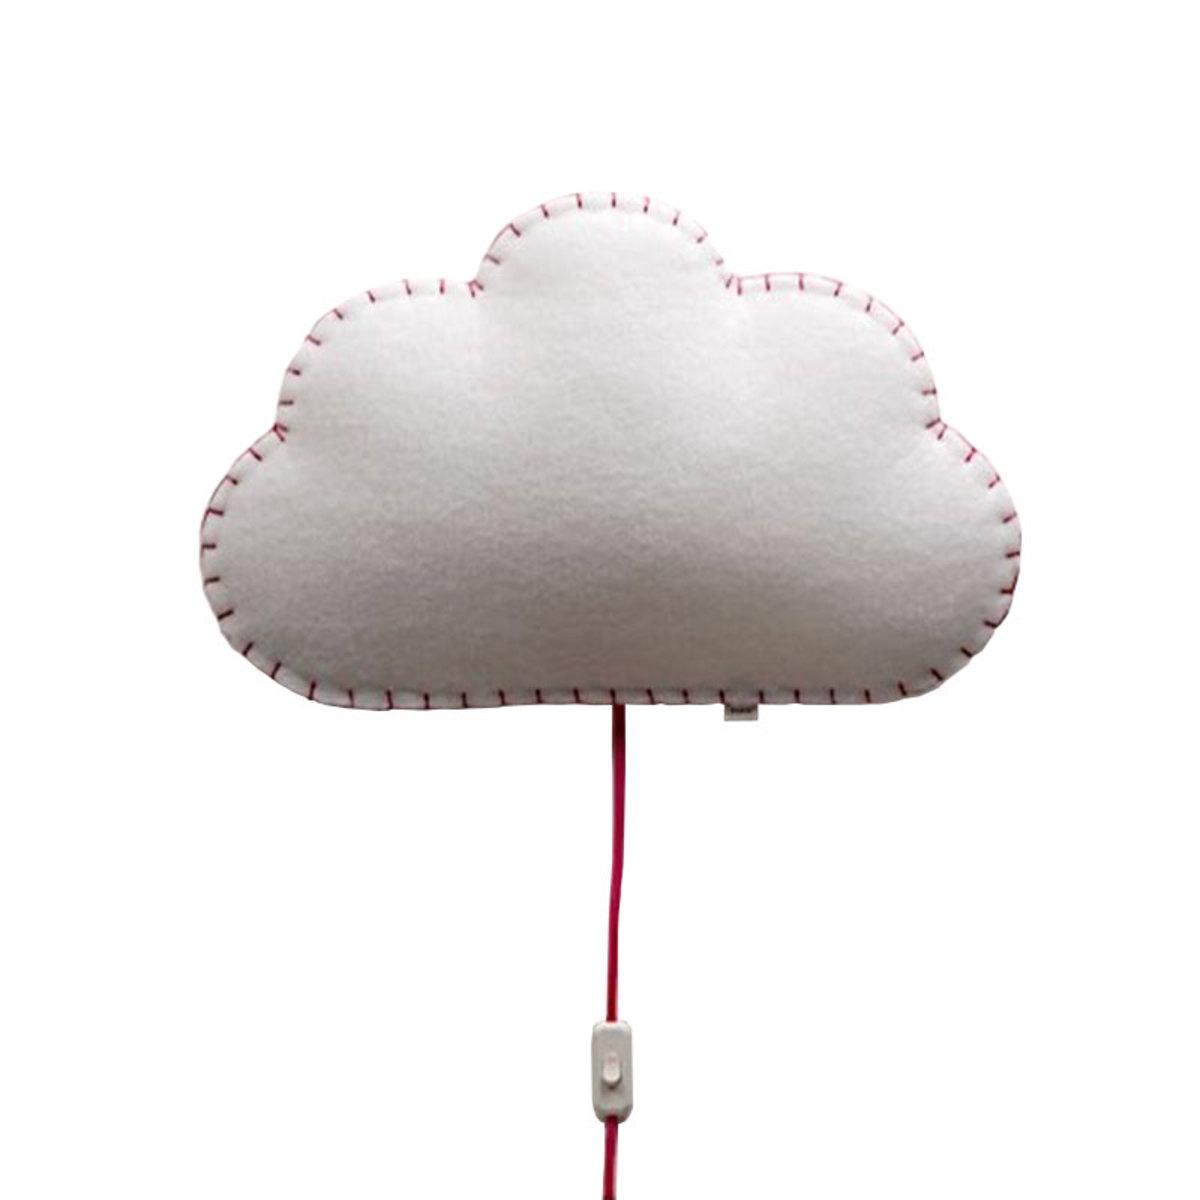 Suspension  décorative Soft Light - Applique Nuage Rose Soft Light - Applique Nuage Rose